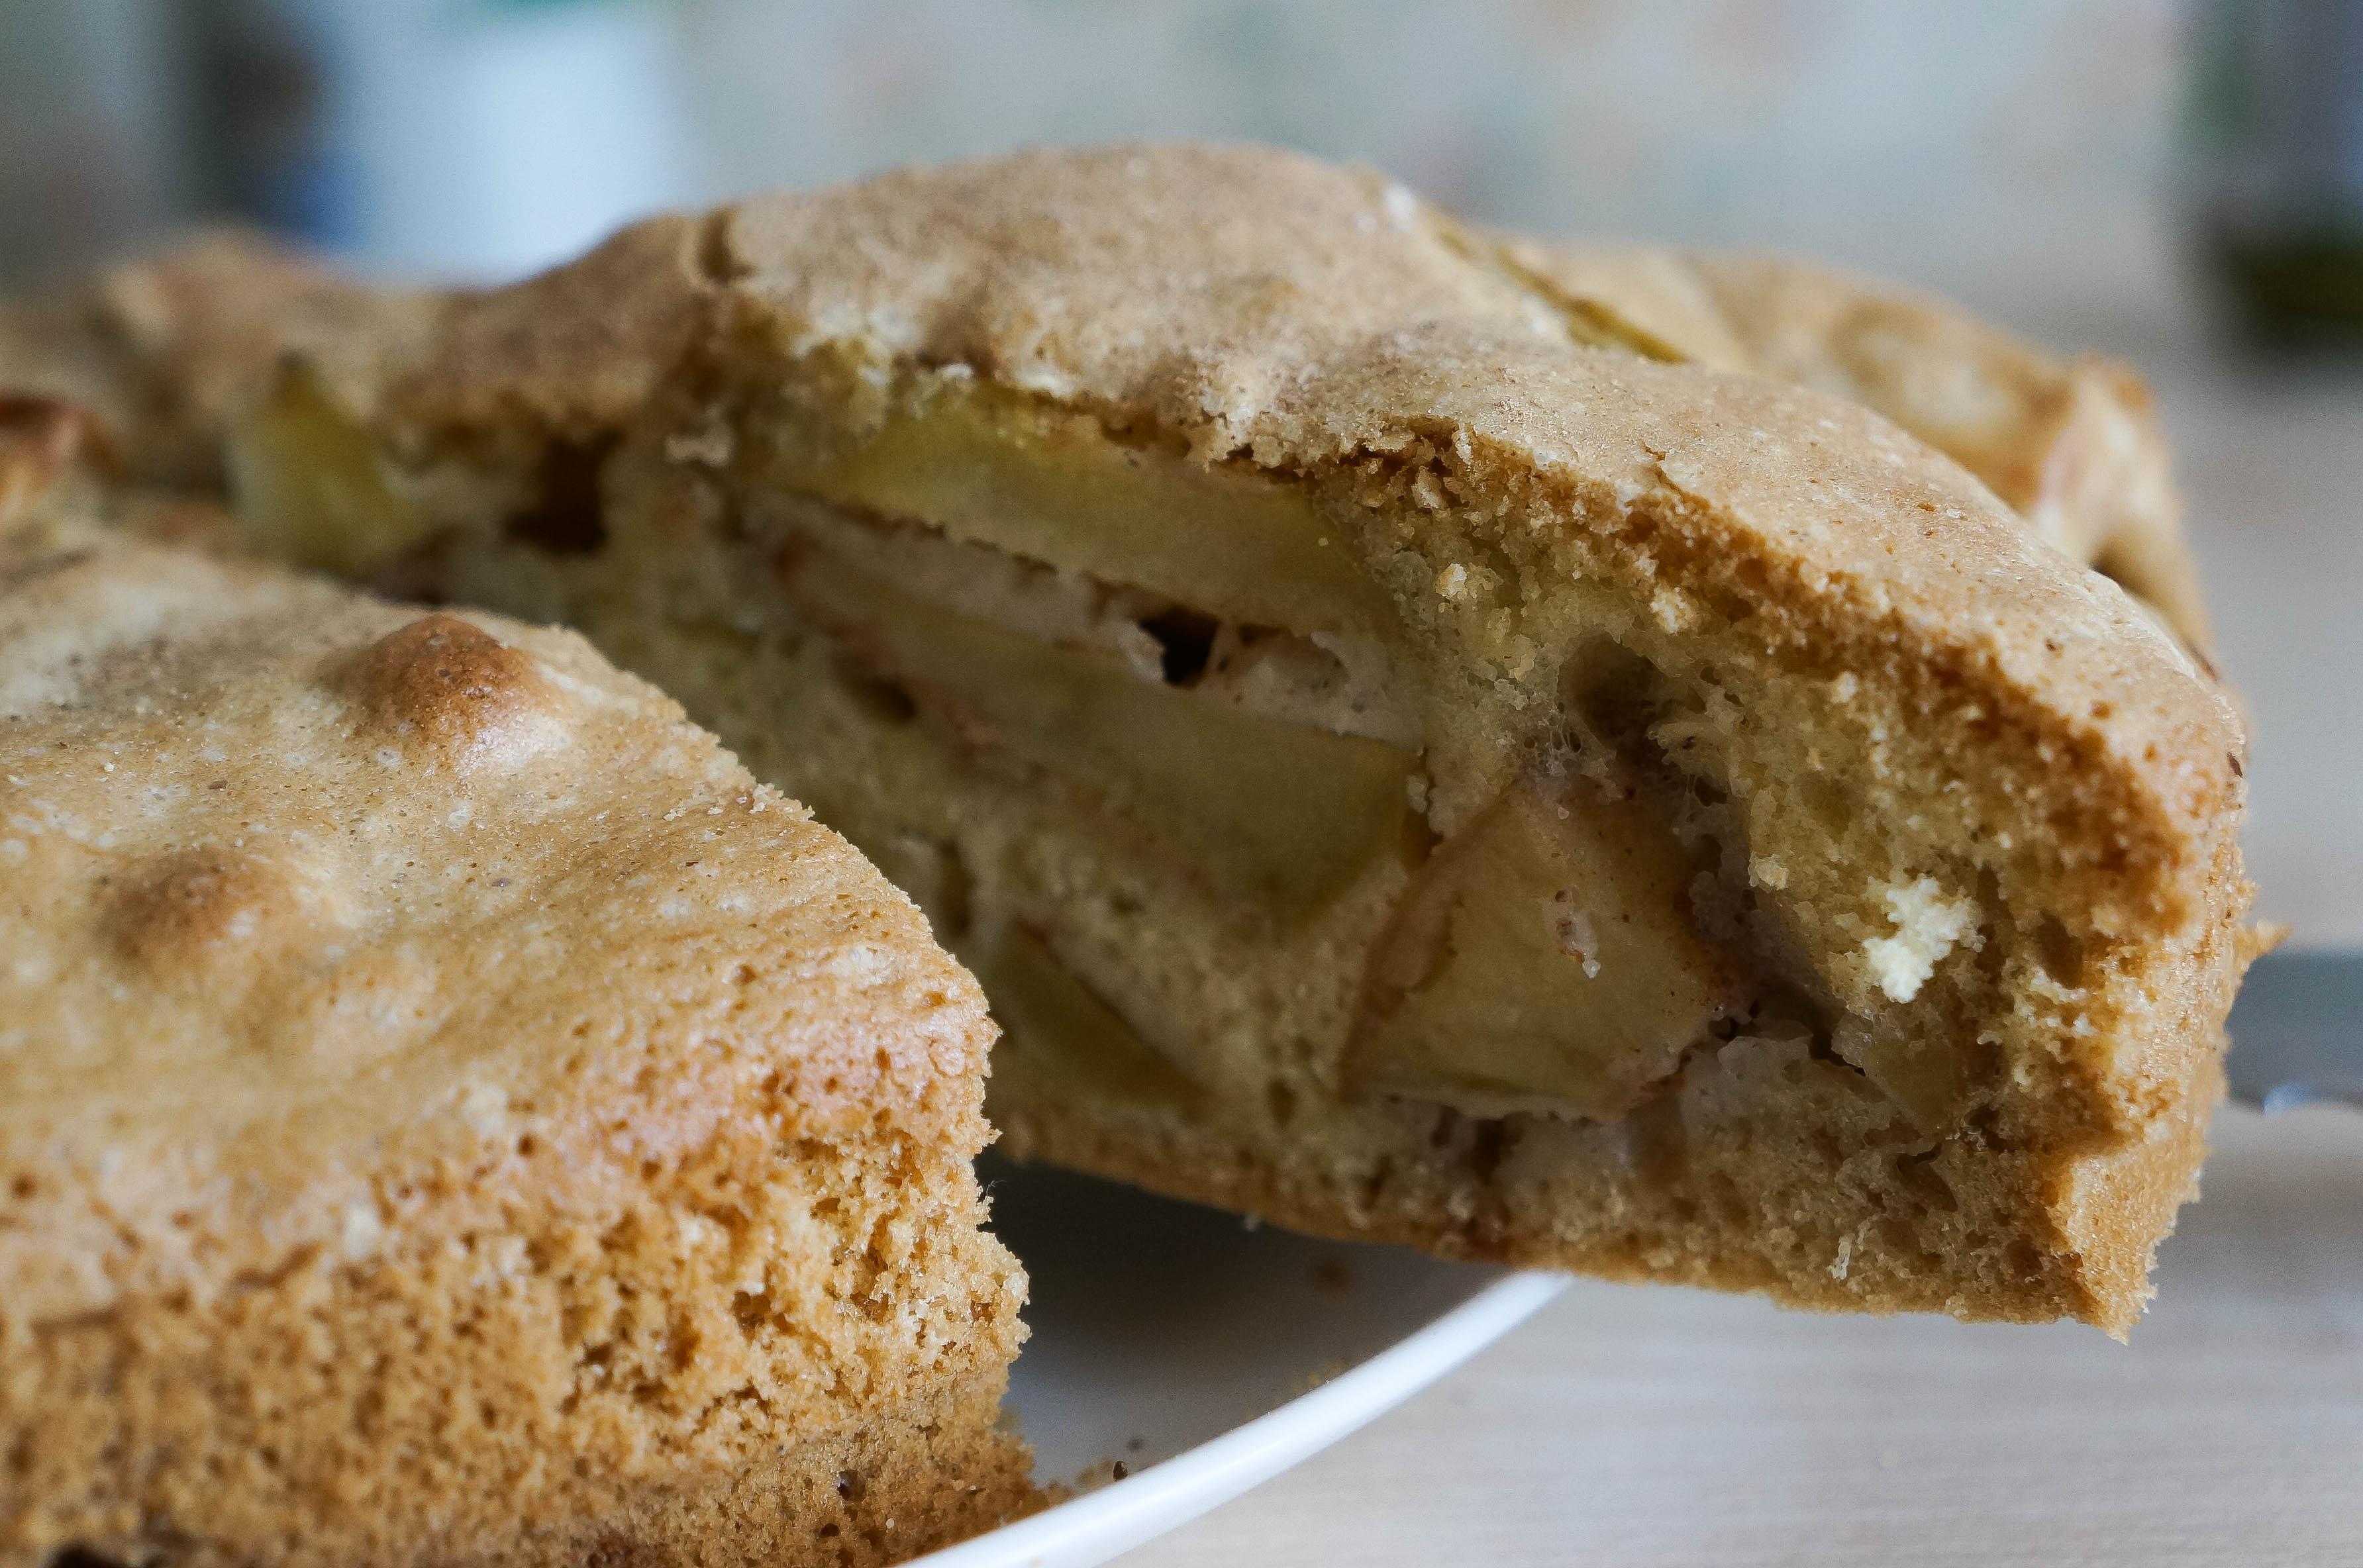 Рыхлые яблоки не очень подходят для этого пирога: они «растают» в тесте, и вкус получится не тот.